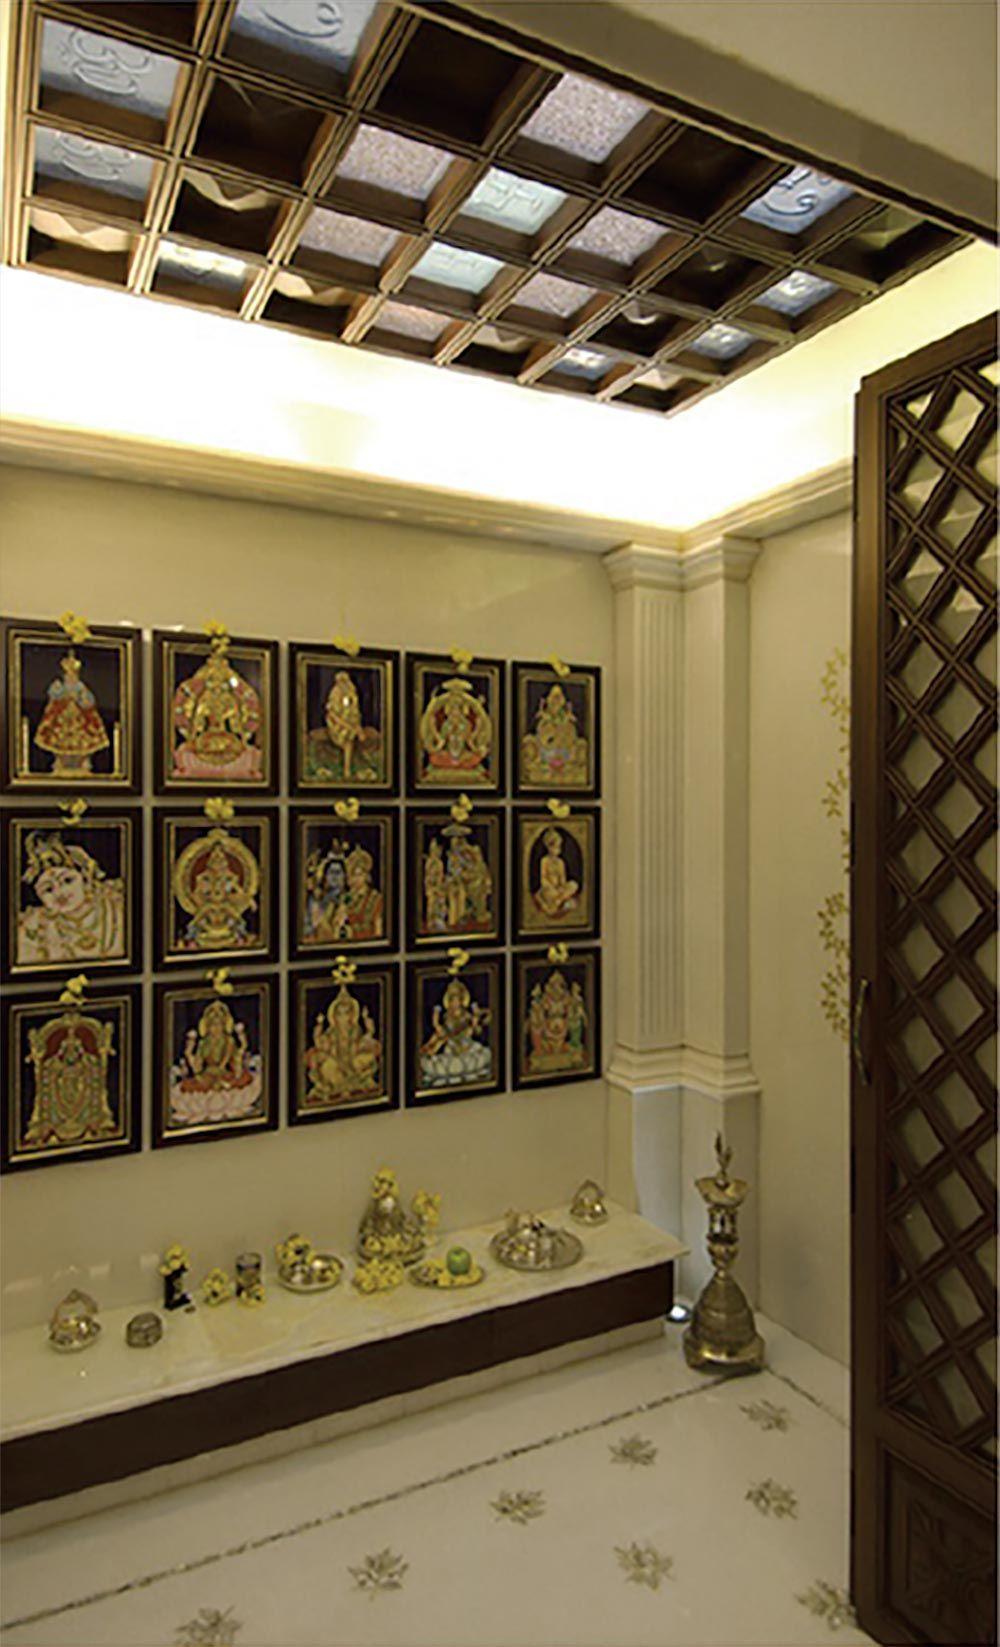 Pin By Tia Kunnath On Puja Pinterest Puja Room Room